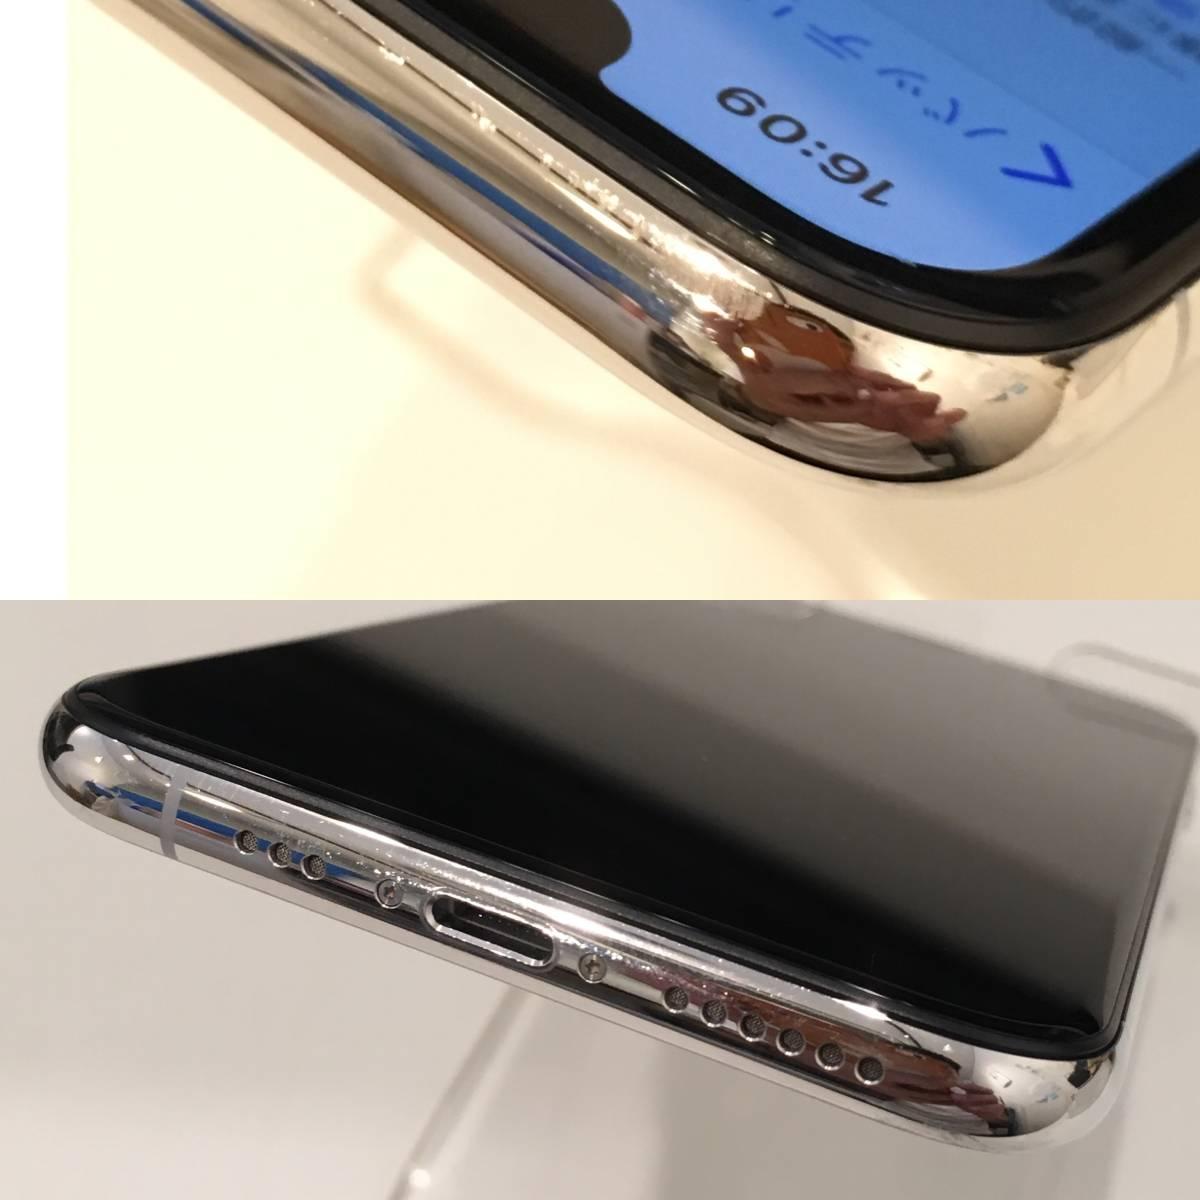 【中古 美品】SIMロック解除済 docomo iPhone XS 256GB シルバー 利用制限前〇 MTE12J/A iOS Ver12.1.4 バッテリー最大容量100%_画像4